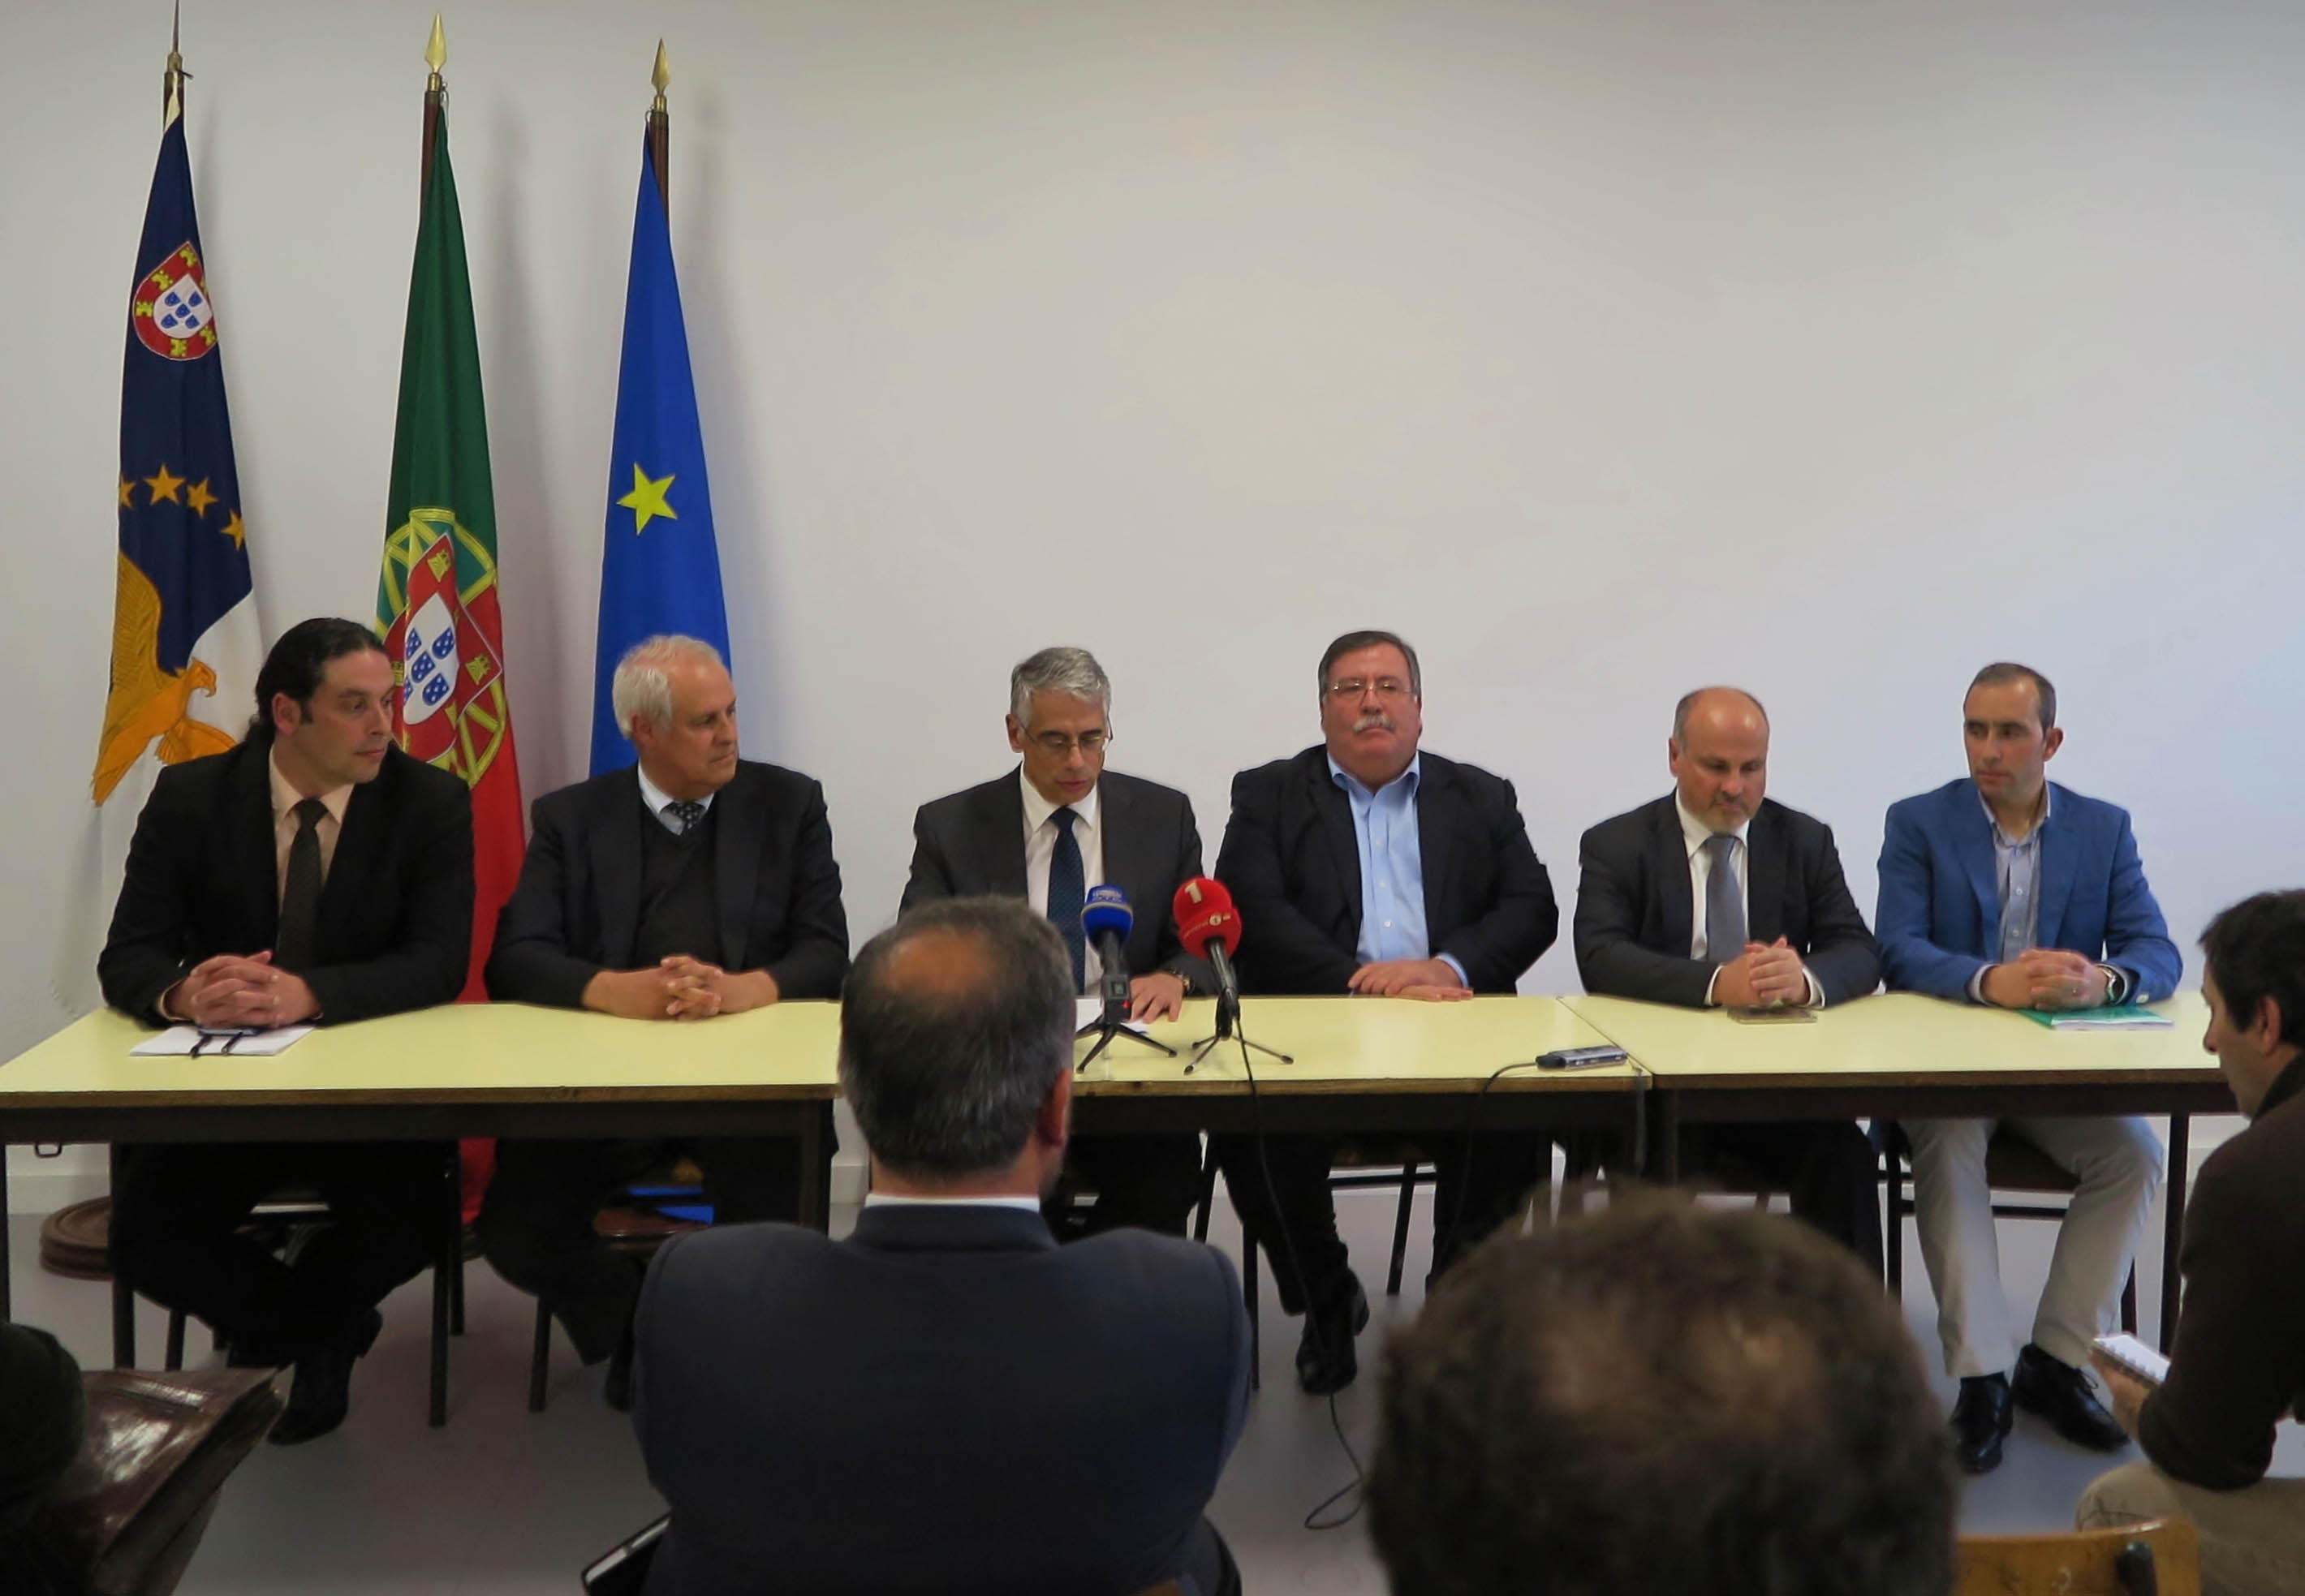 Governo, produção, indústria e comercialização de leite e laticínios dos Açores subscrevem declaração de compromissos